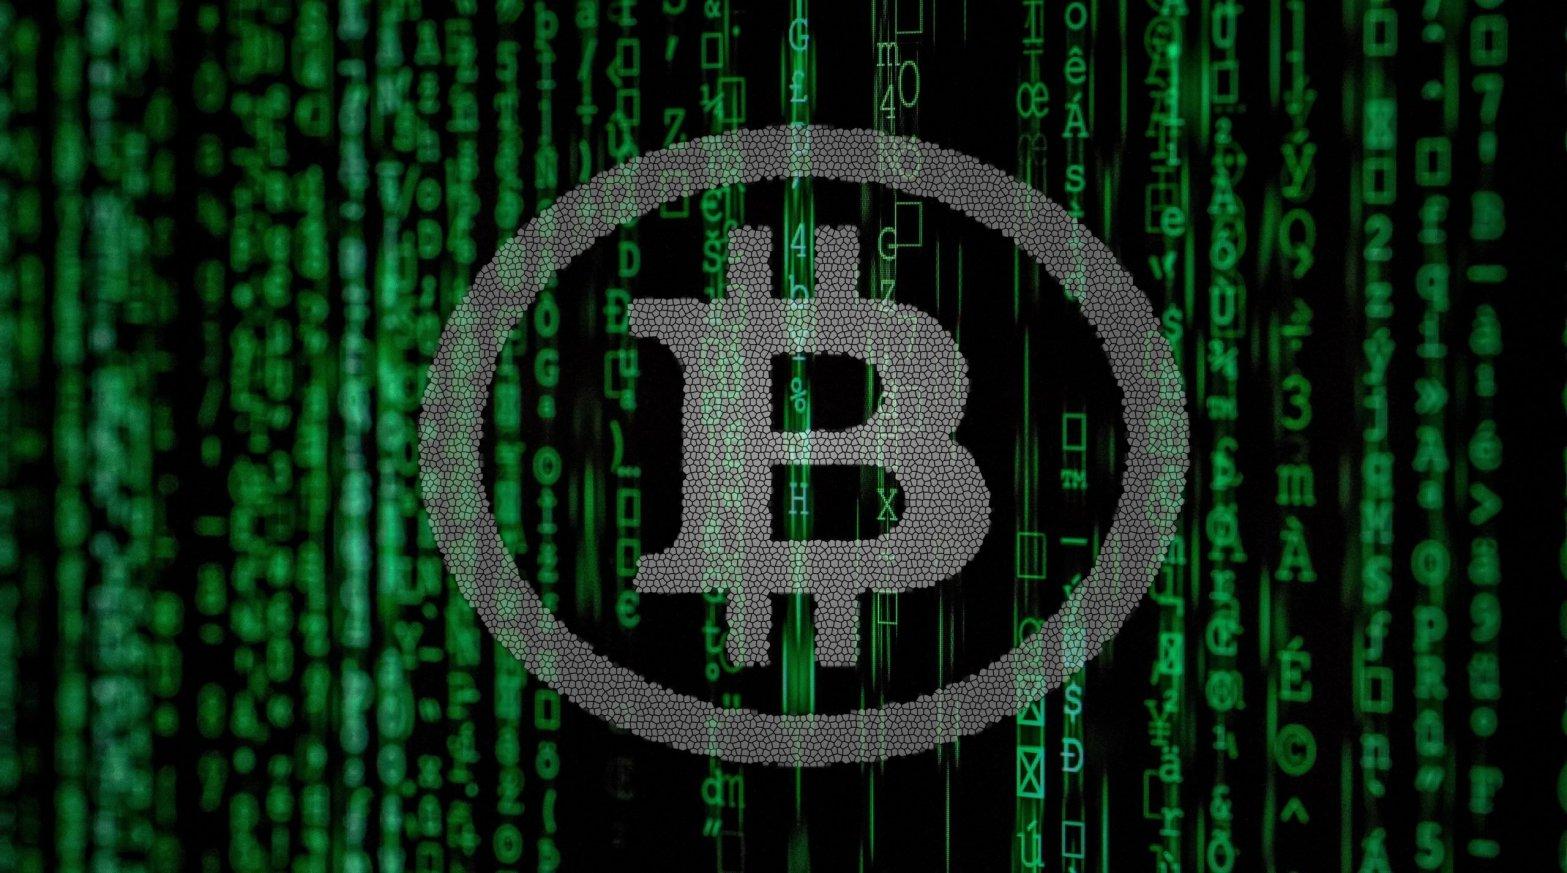 hal finney y Bitcoin